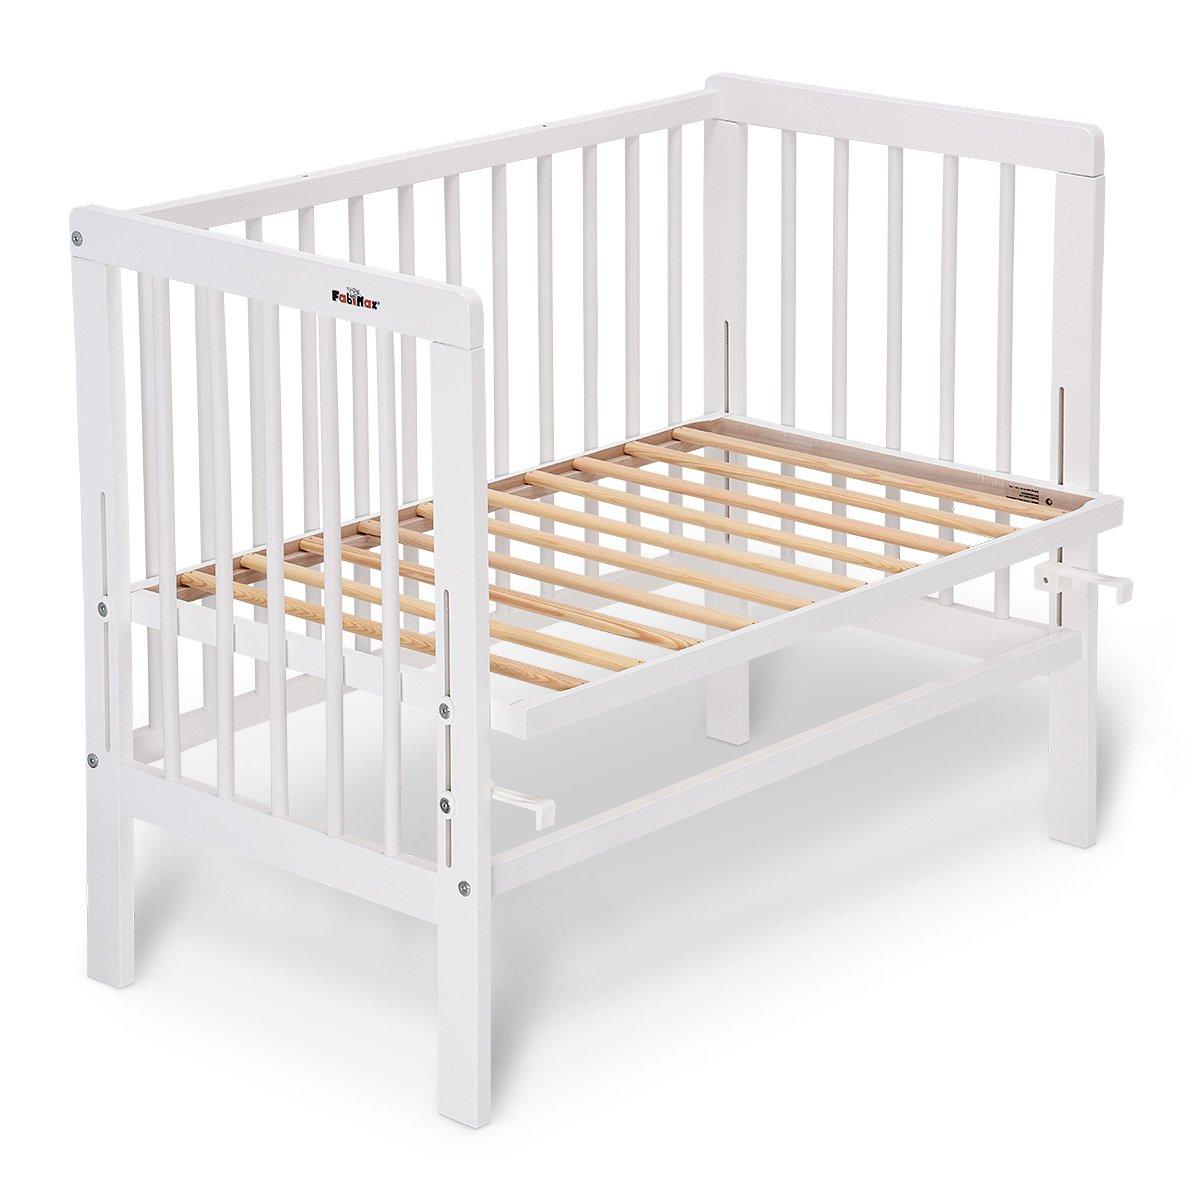 fabimax cama auxiliar Basic Color Blanco, Incluye Colchón y protector de cuna blanco 01. Sterne klein/weiß Talla:mit Matratze CLASSIC: Amazon.es: Bebé